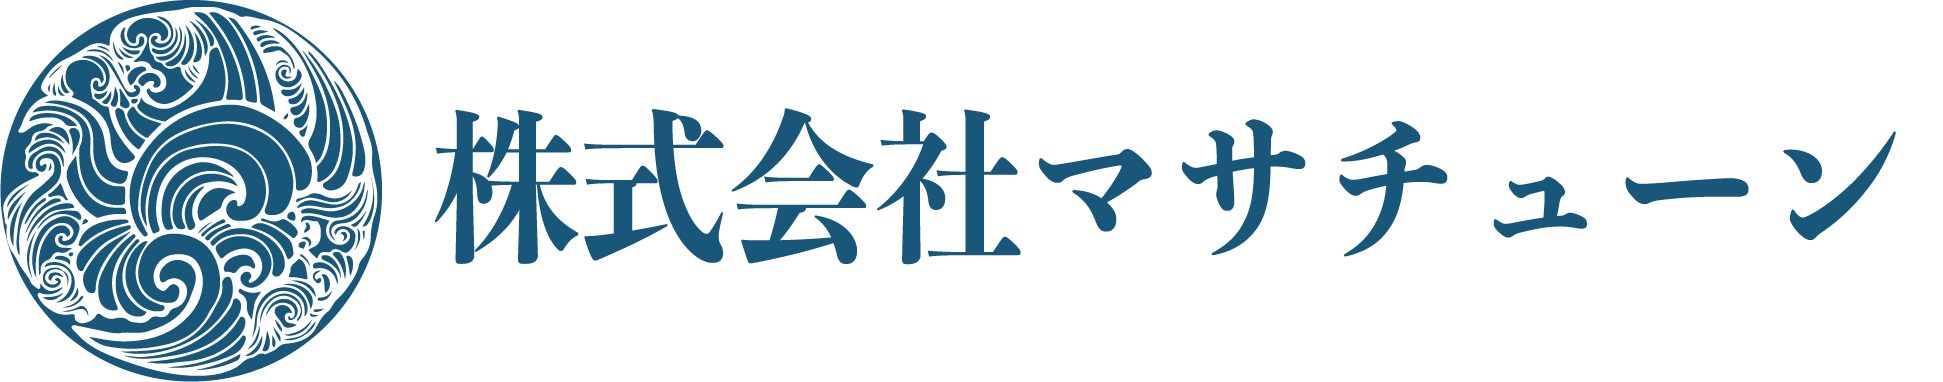 株式会社マサチューン